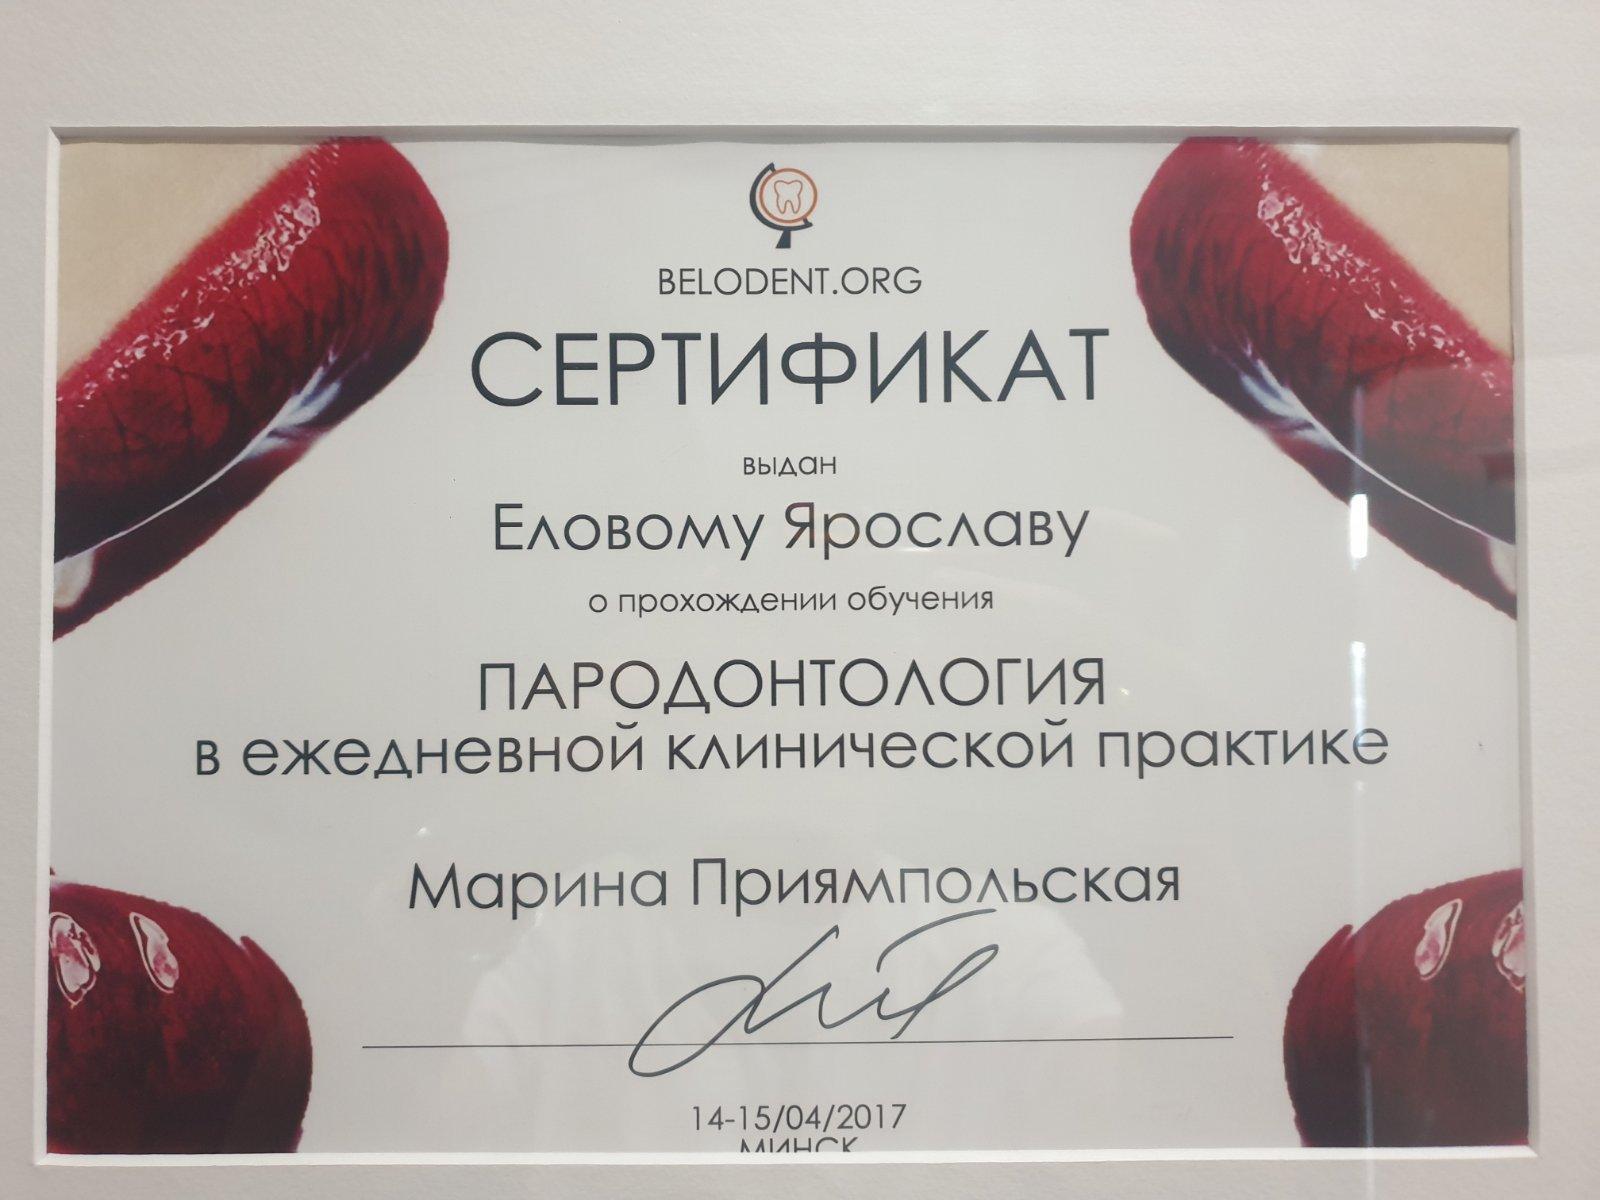 Сертификат выданный Еловому Ярославу Михайловичу о прохождении обучения курса - Пародонтология в ежедневной клинической практике